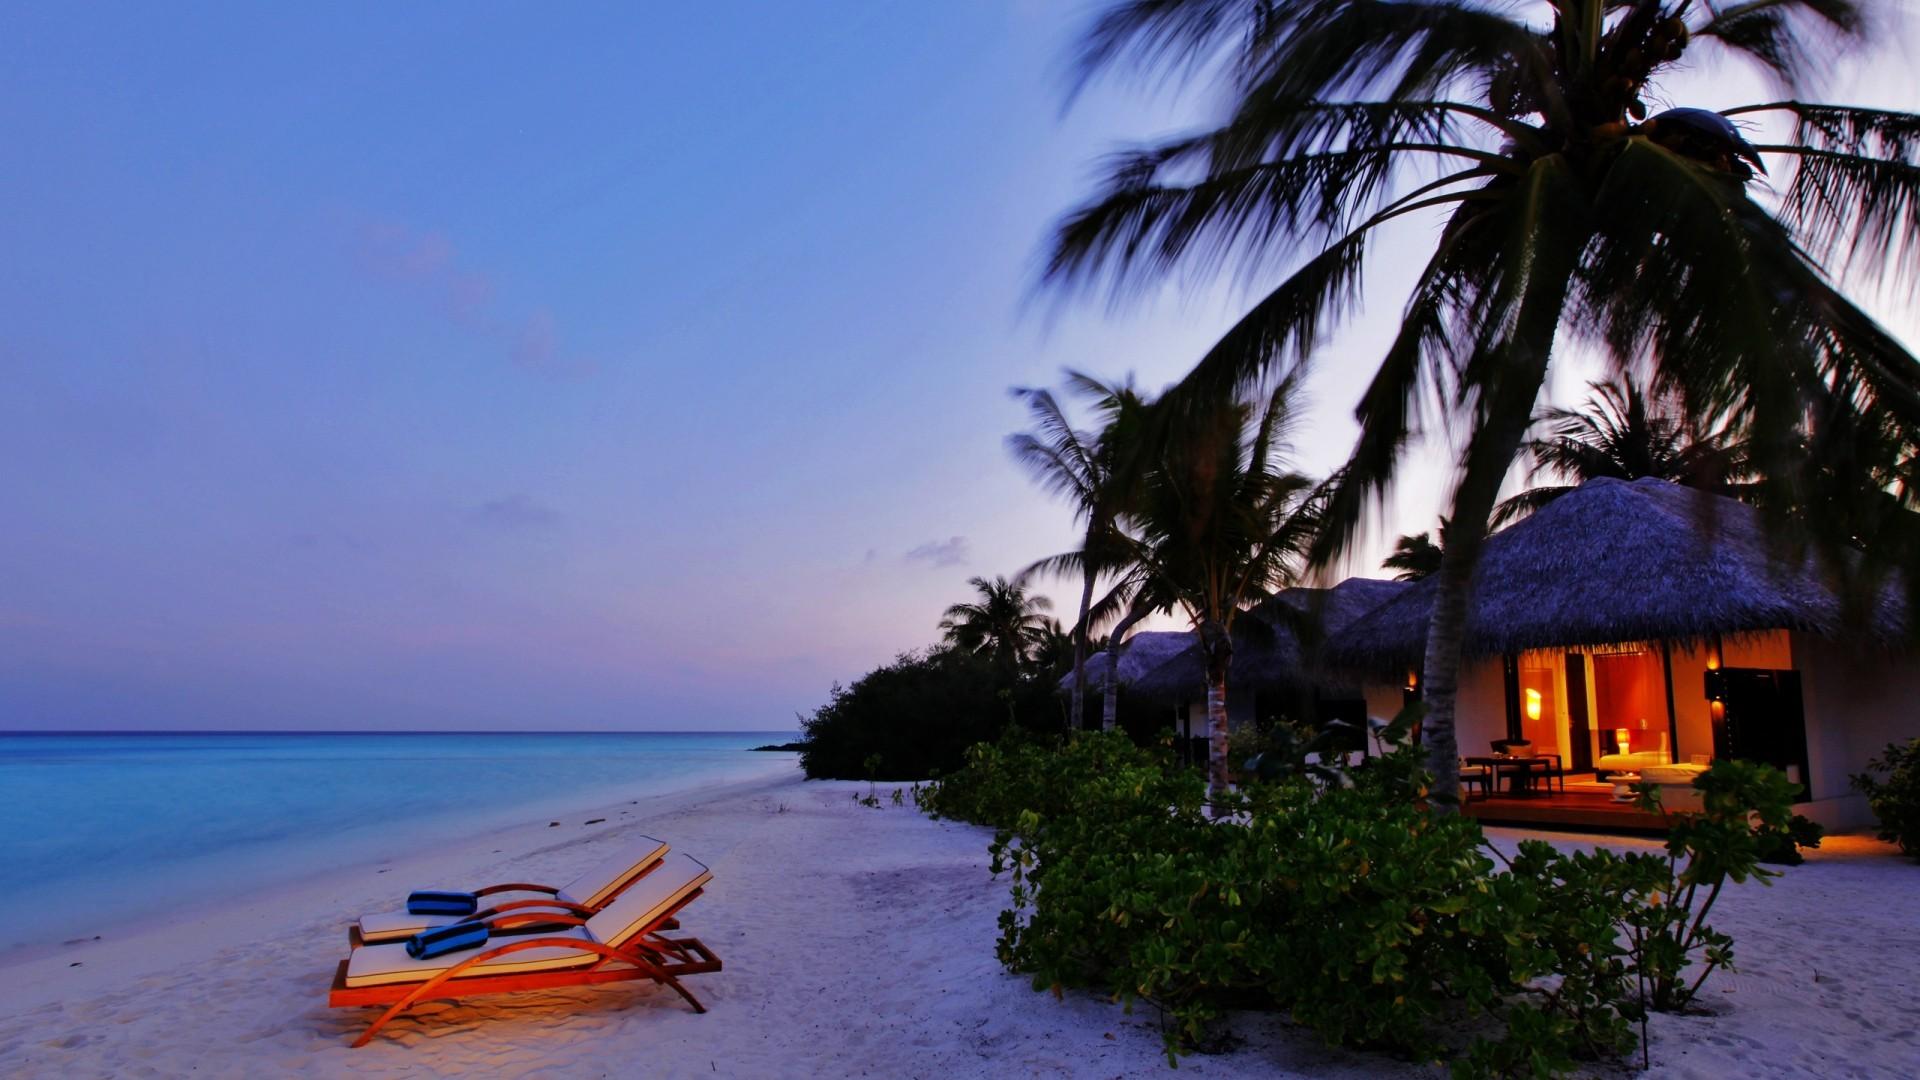 hd wallpaper beach resort | wallpapers55.com – Best Wallpapers for PCs .